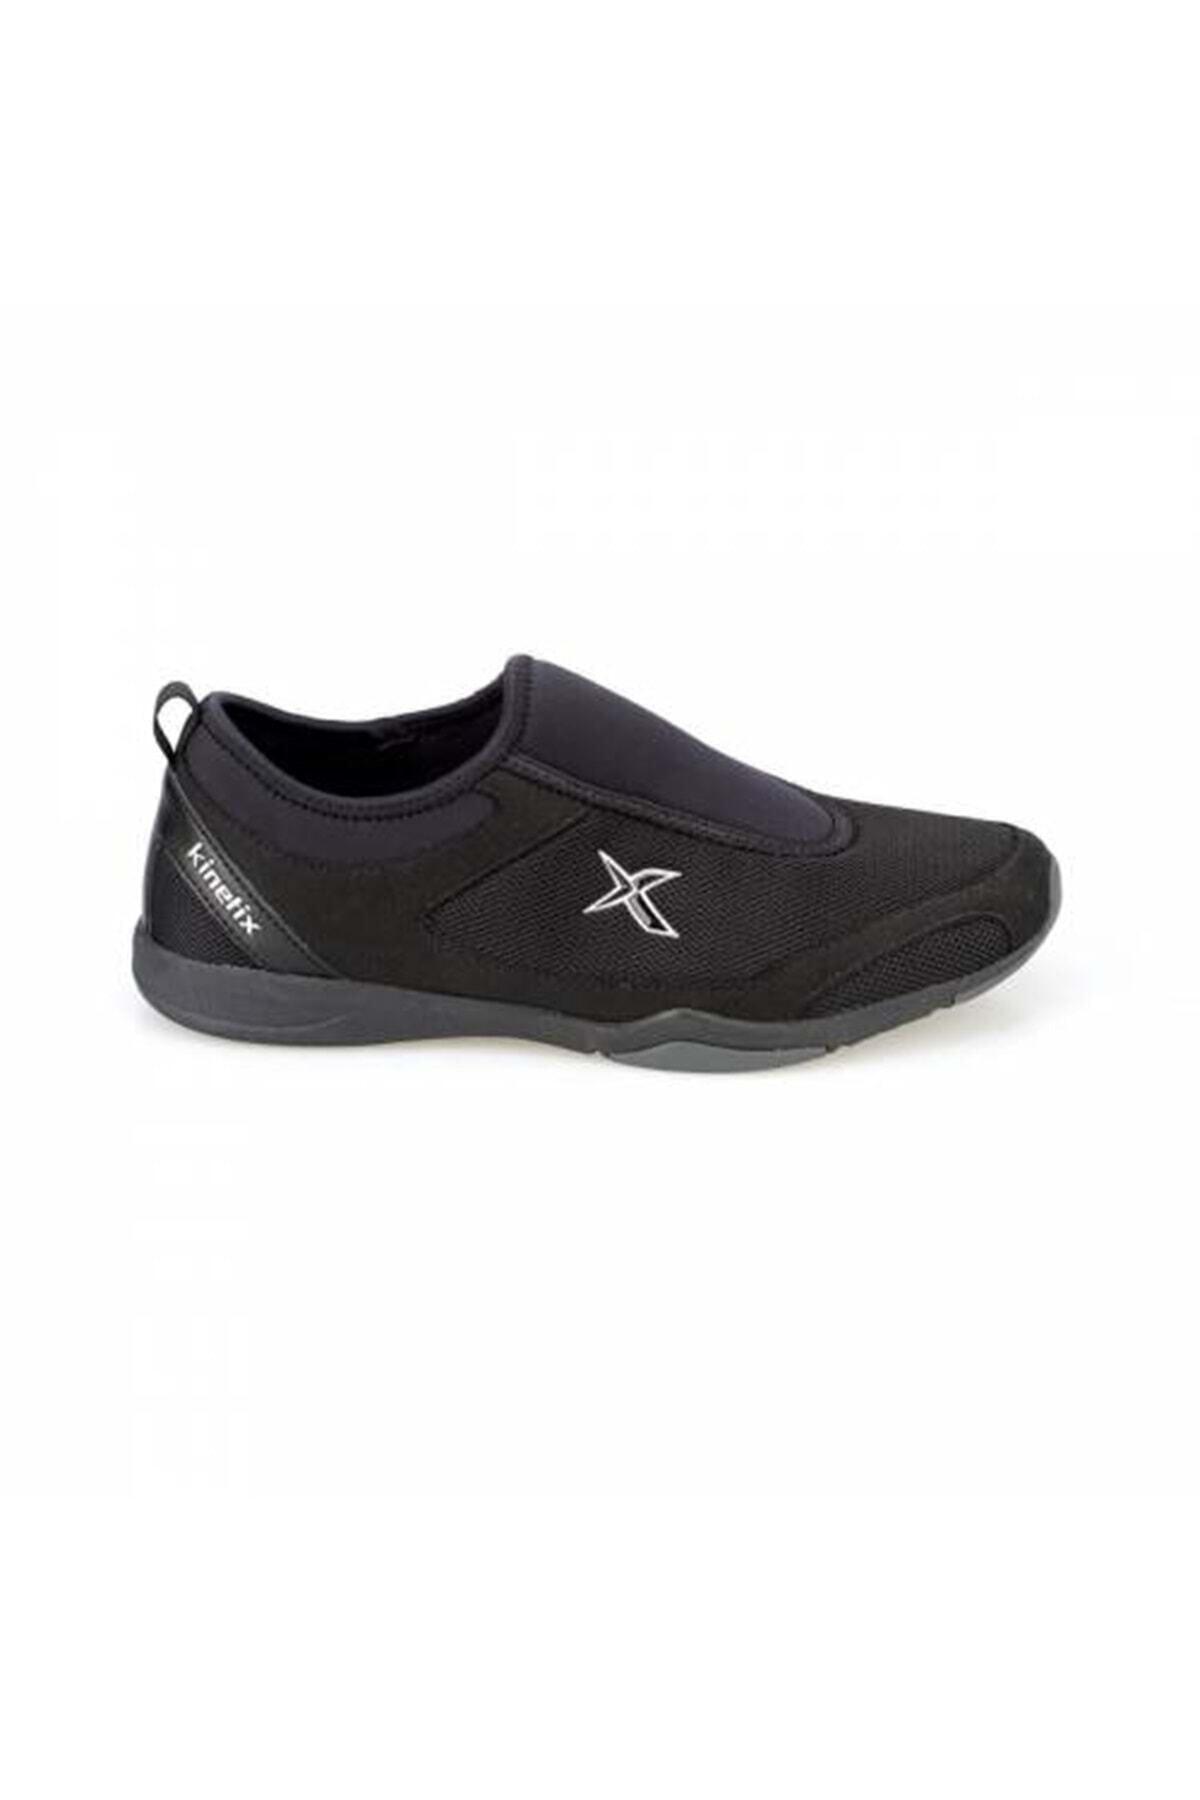 کفش مخصوص پیاده روی مردانه مدل دار برند کینتیکس kinetix رنگ مشکی کد ty101456524